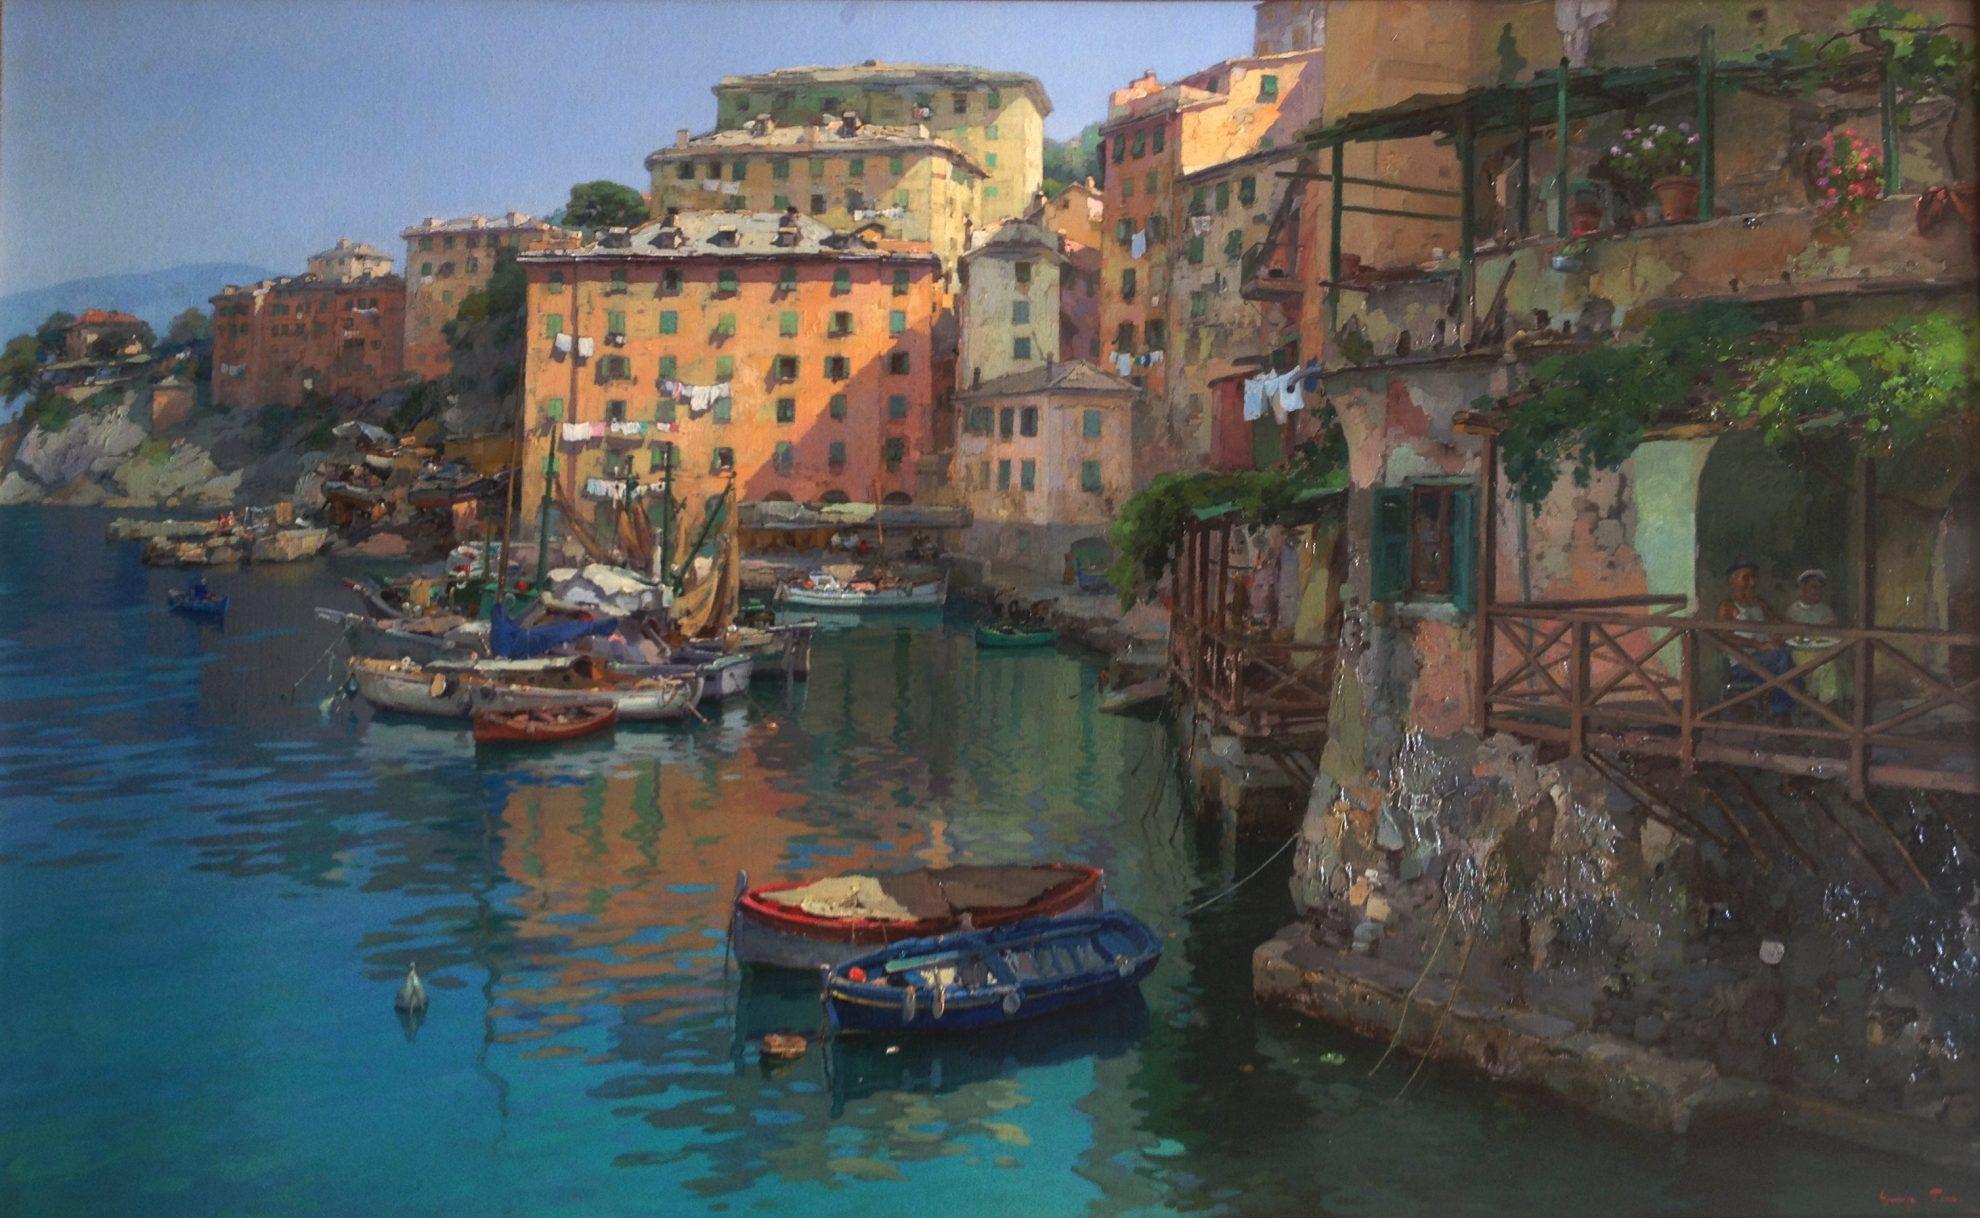 Giuseppe Pesa, Il porto di Camogli, olio su tela, 95x142 cm